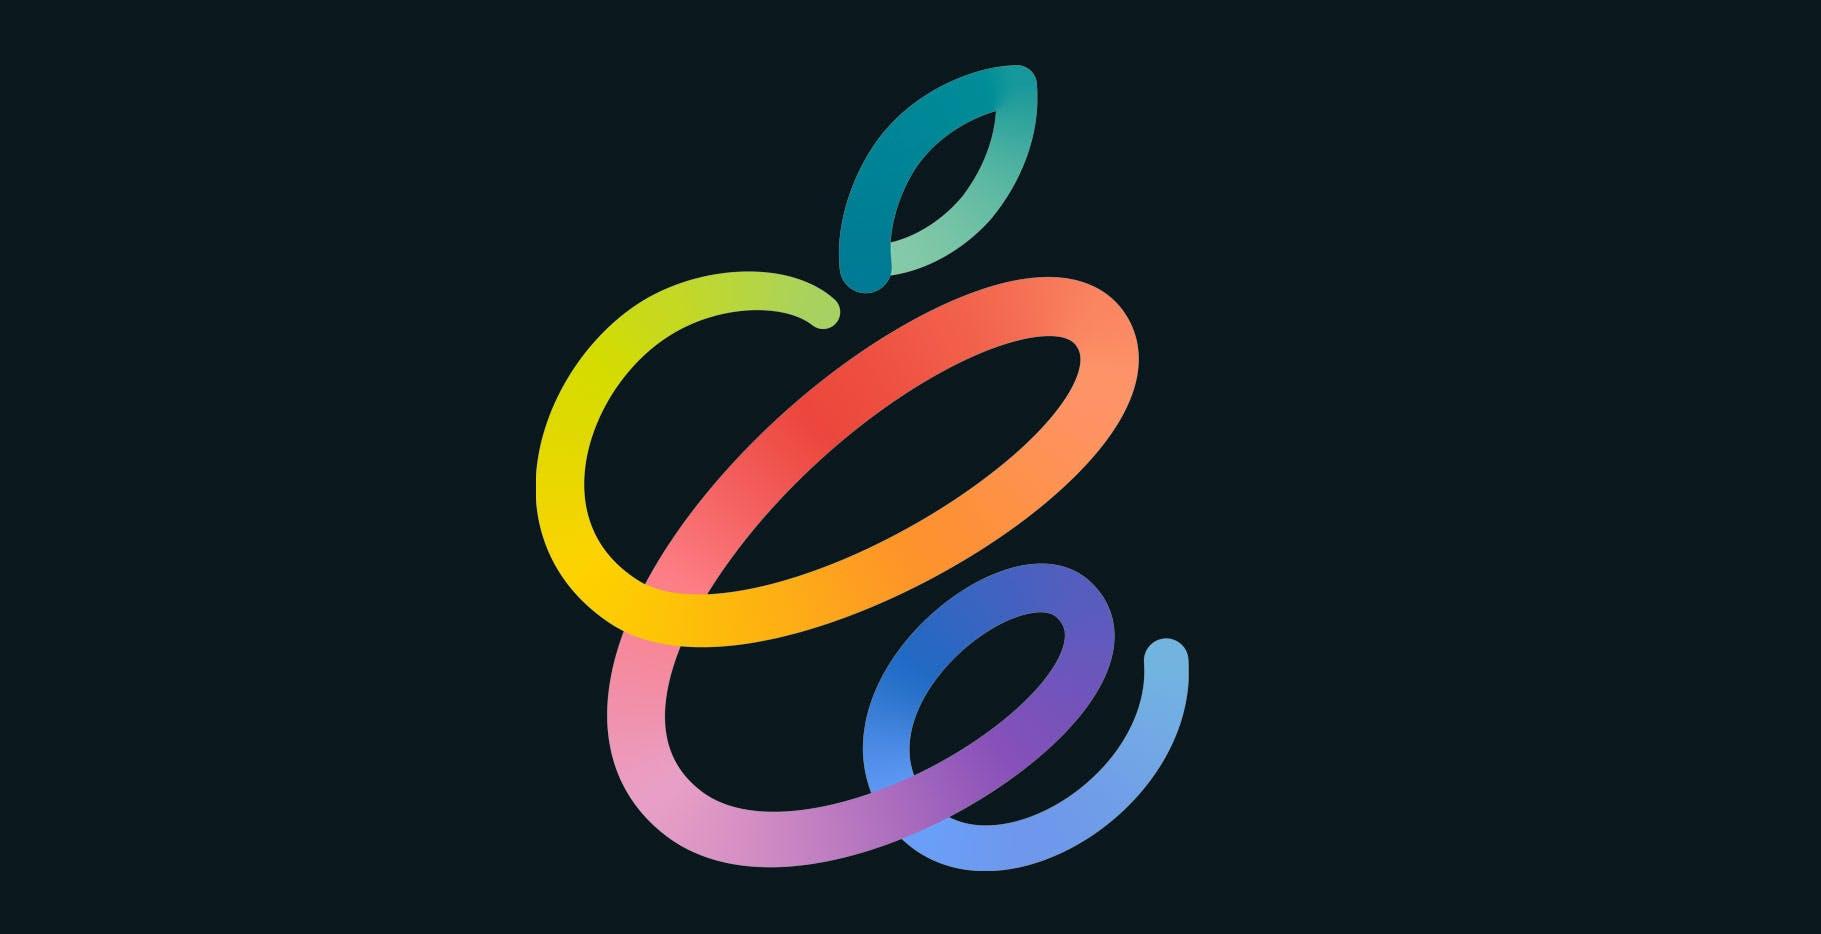 Apple, evento il 20 aprile. Attesa per i nuovi iPad Pro con MiniLed e per Apple Tag